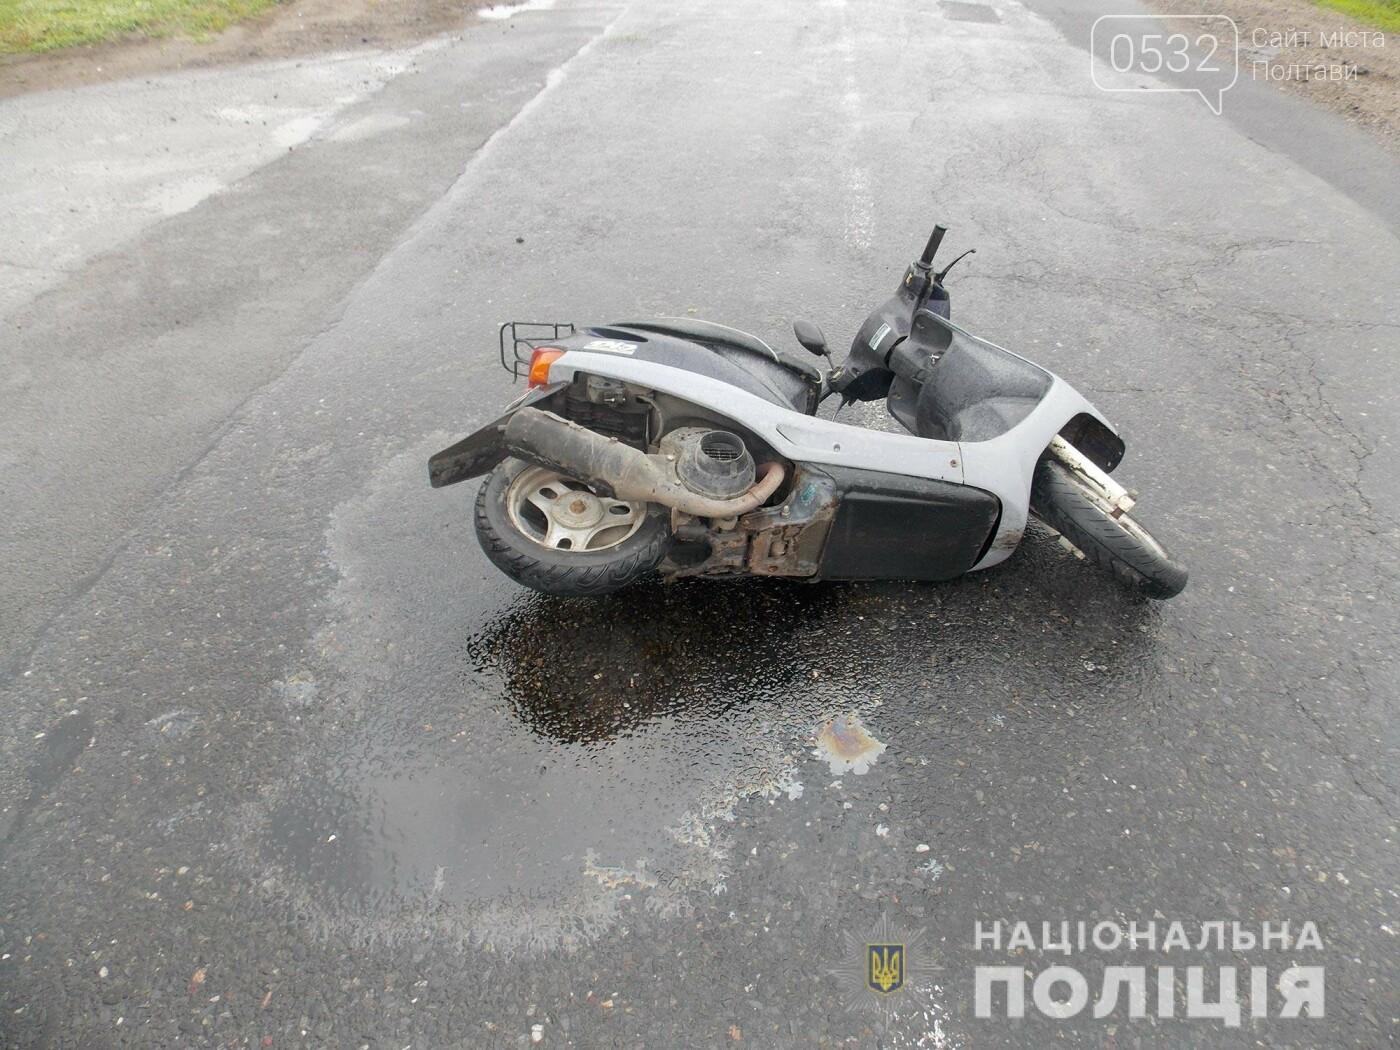 У ДТП на Полтавщині ЗАЗ збив скутеристку, фото-2